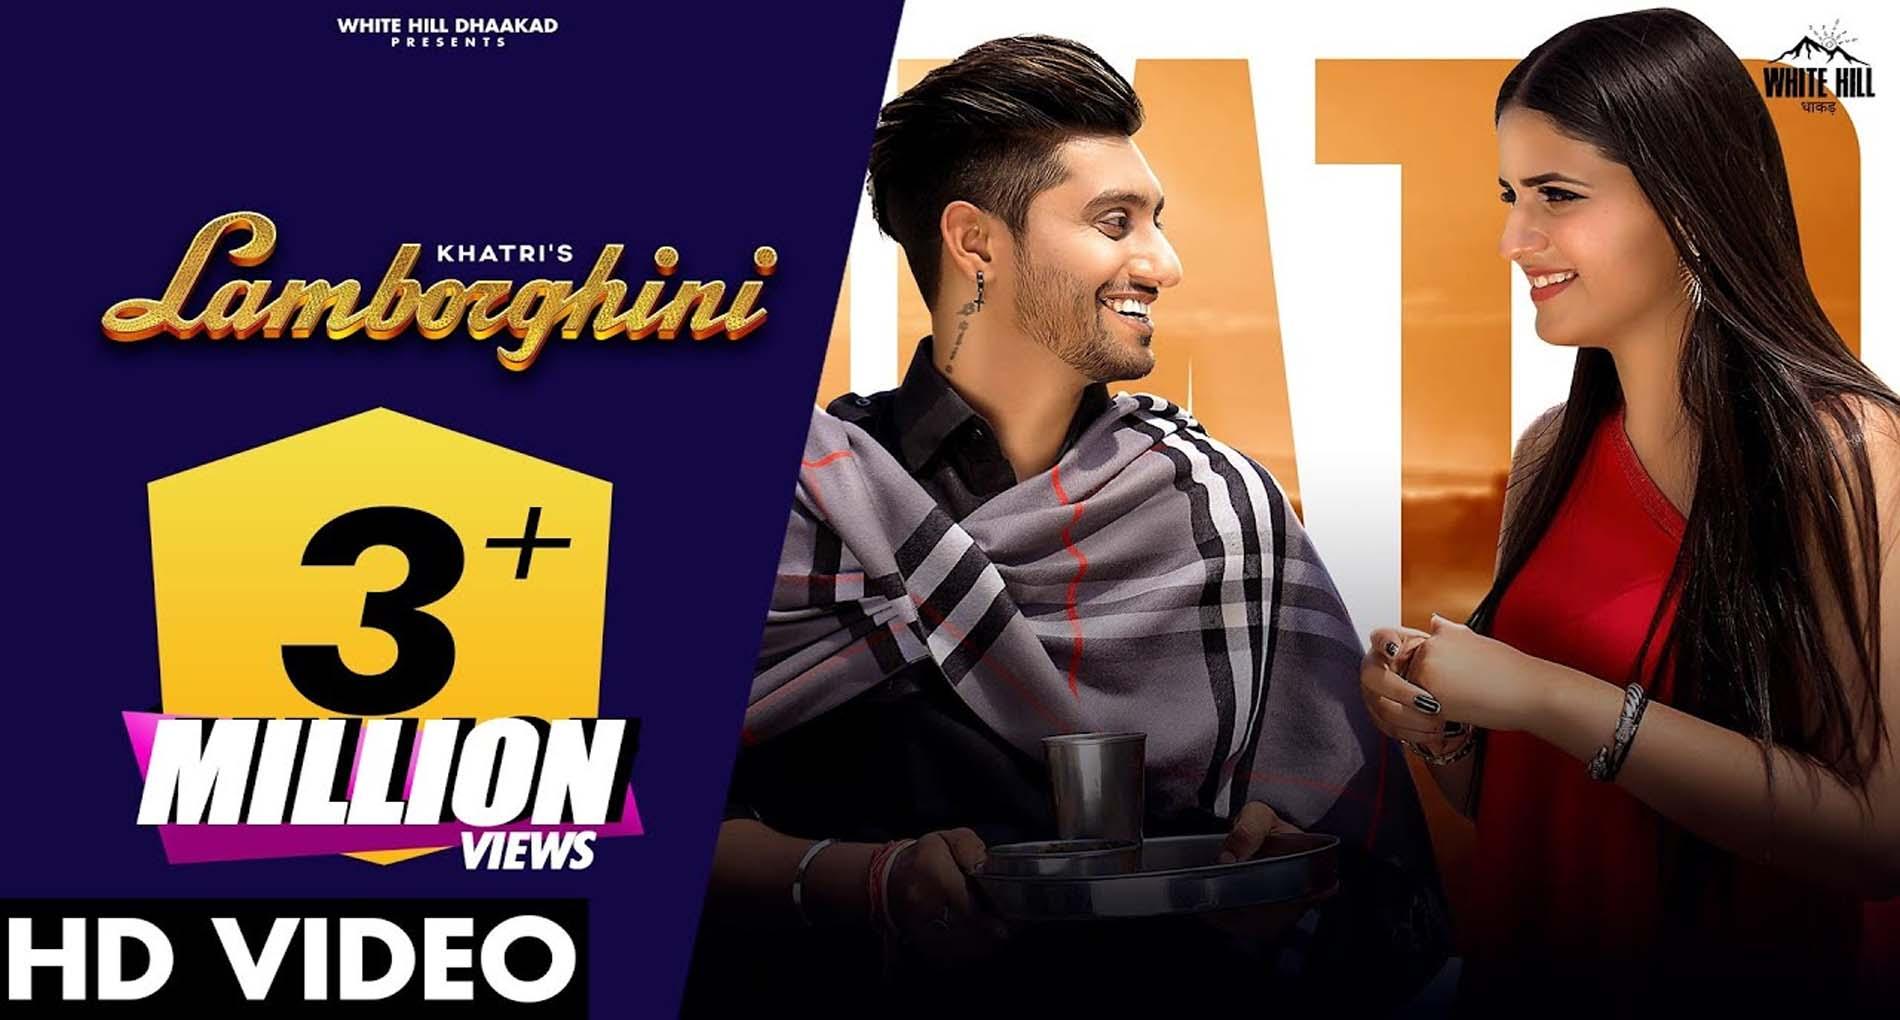 Pranjal Dahiya Latest Haryanvi Song: प्रांजल दहिया के नए गाने ने मचाया धमाल! वेस्टर्न लुक में आईं नजर